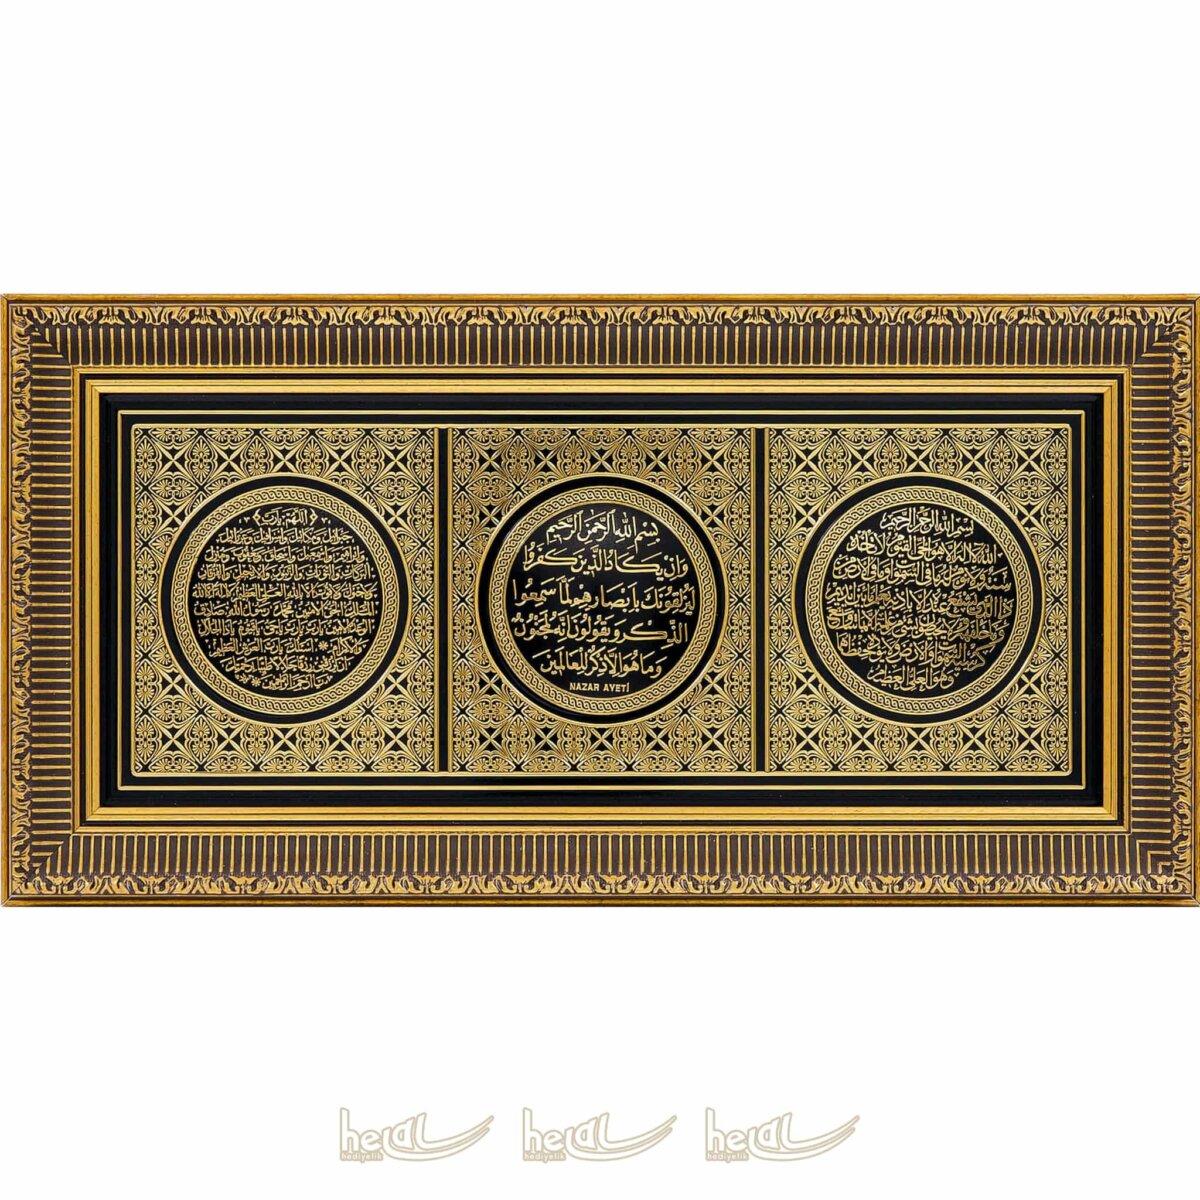 30x60cm Ayetel Kürsi-Nazar- Bereket( Karınca) Duası 3′ lü Ayet Çerçeve Tablo 30x60cm Ayetel Kürsi-Nazar- Bereket( Karınca) Duası 3′ lü Ayet Çerçeve Tablo